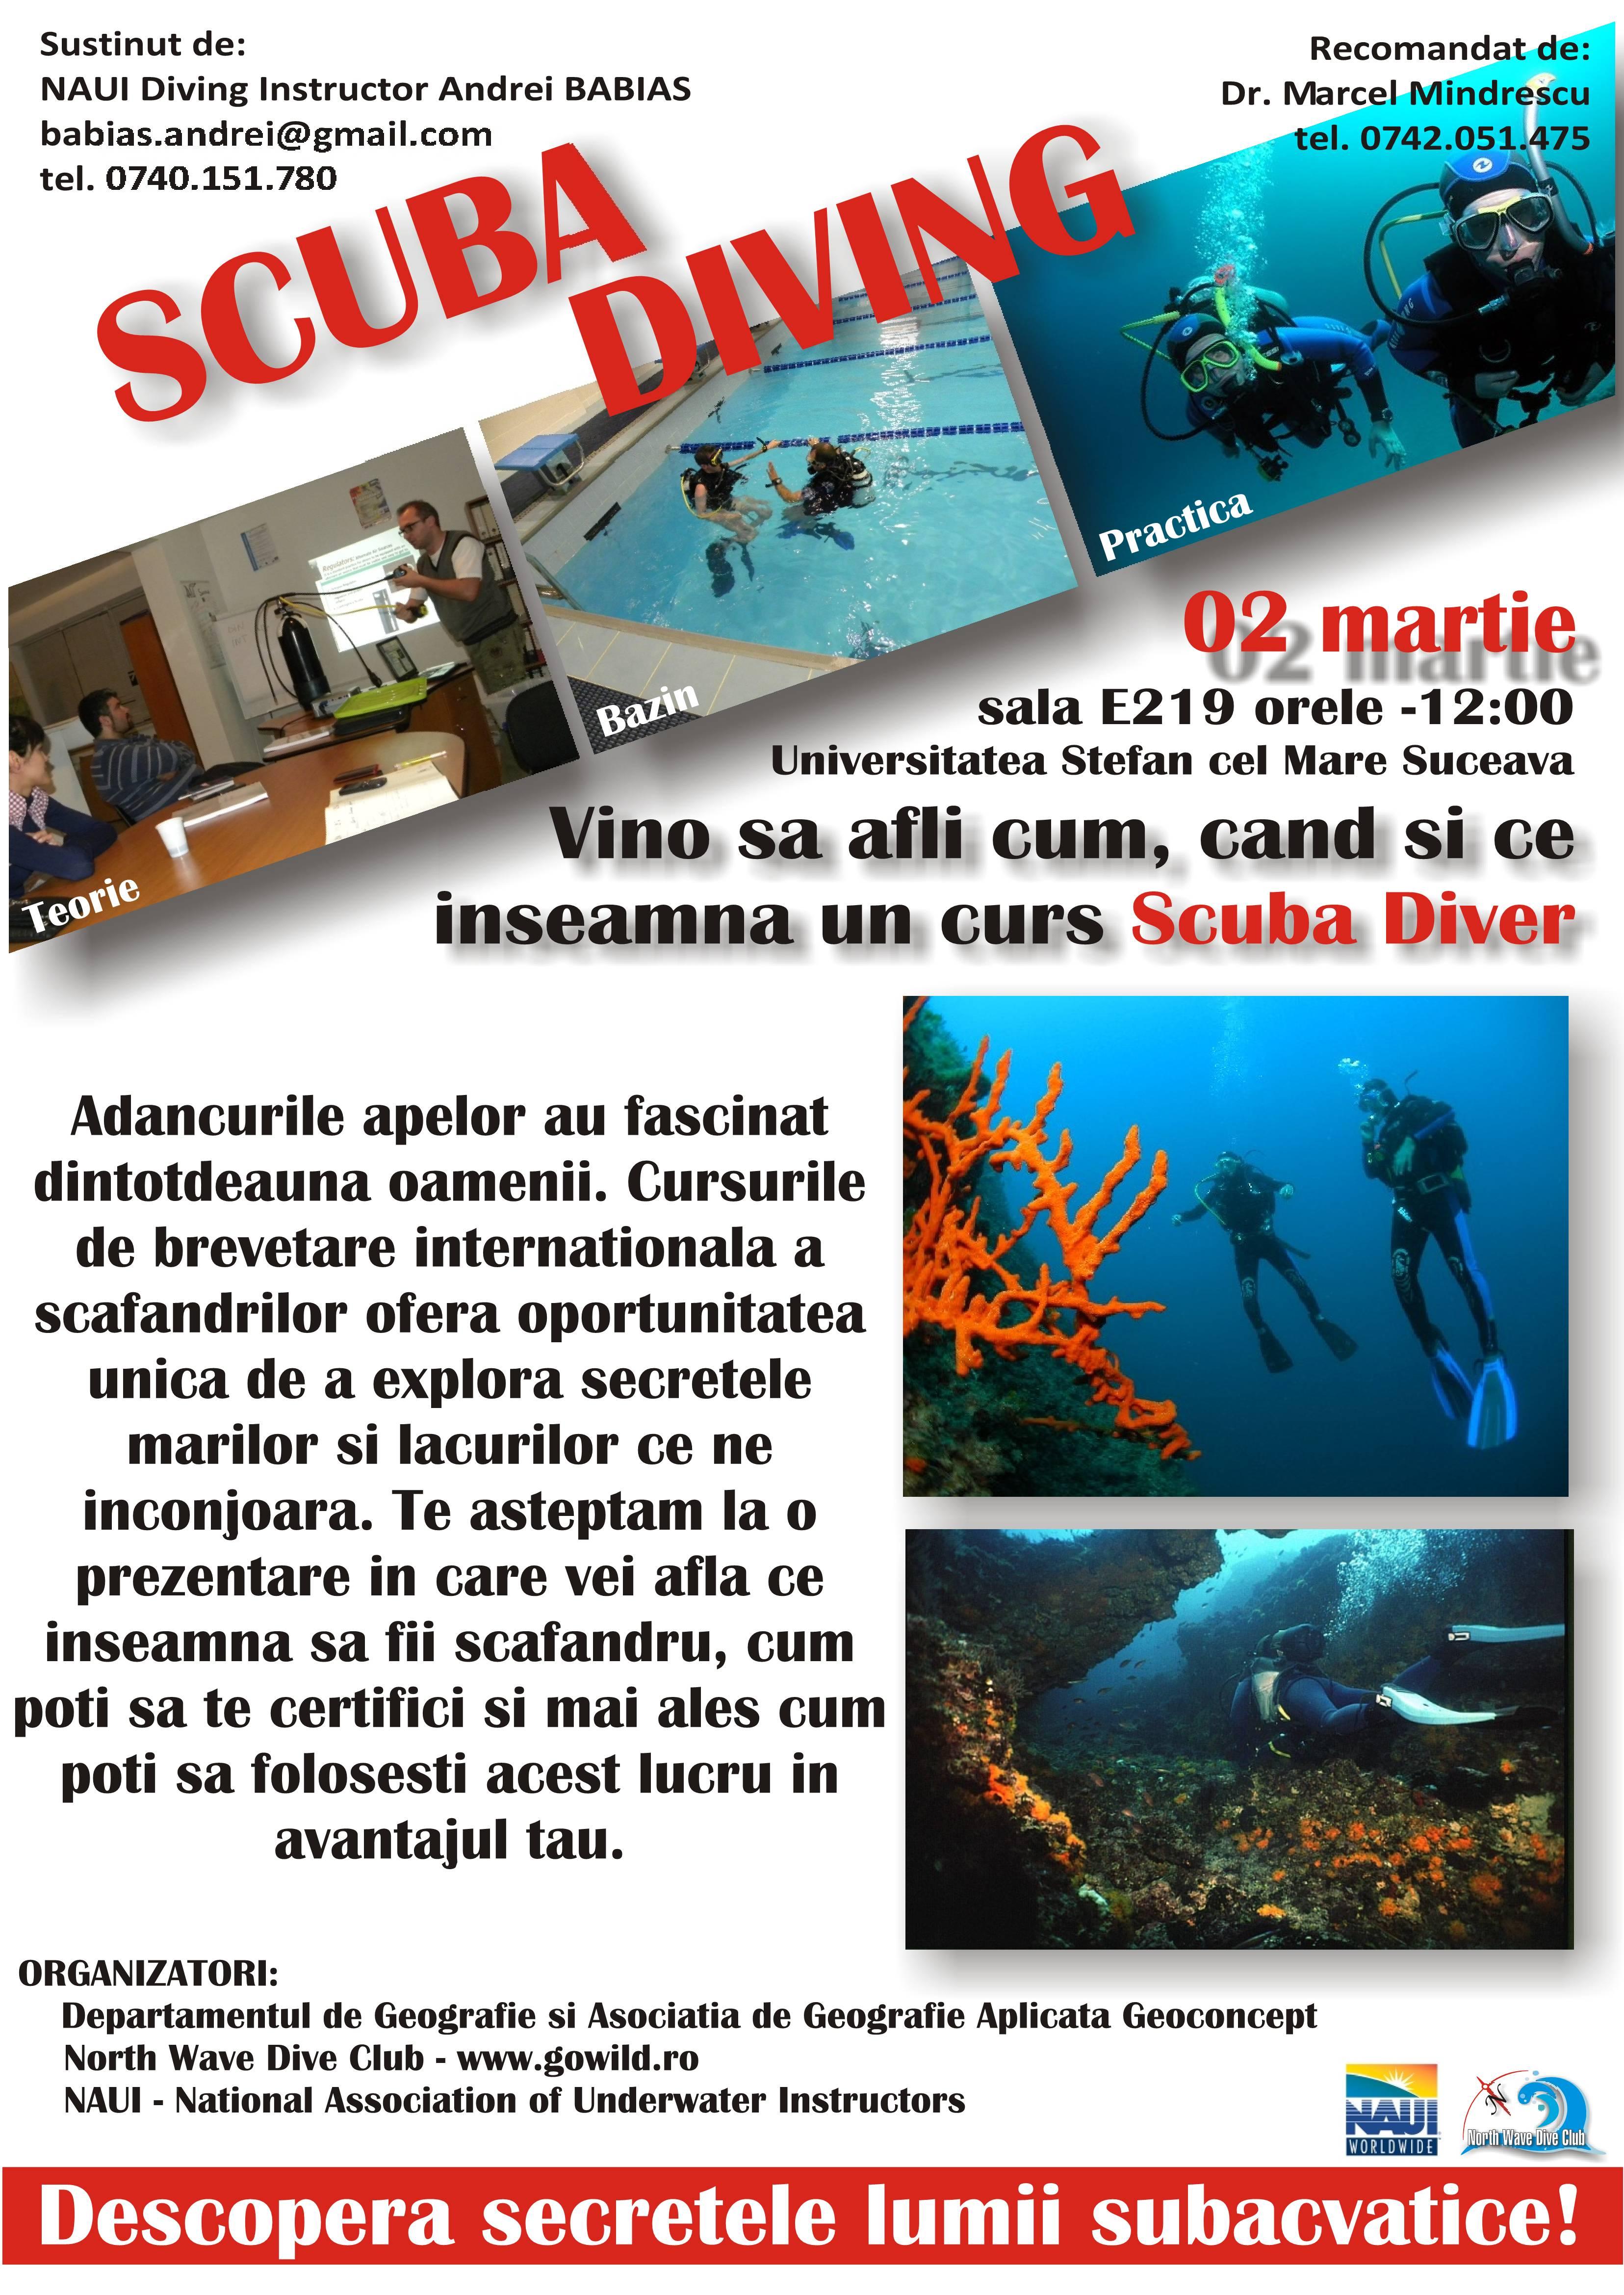 Descoperă secretele lumii subacvatice - Scuba Diving !